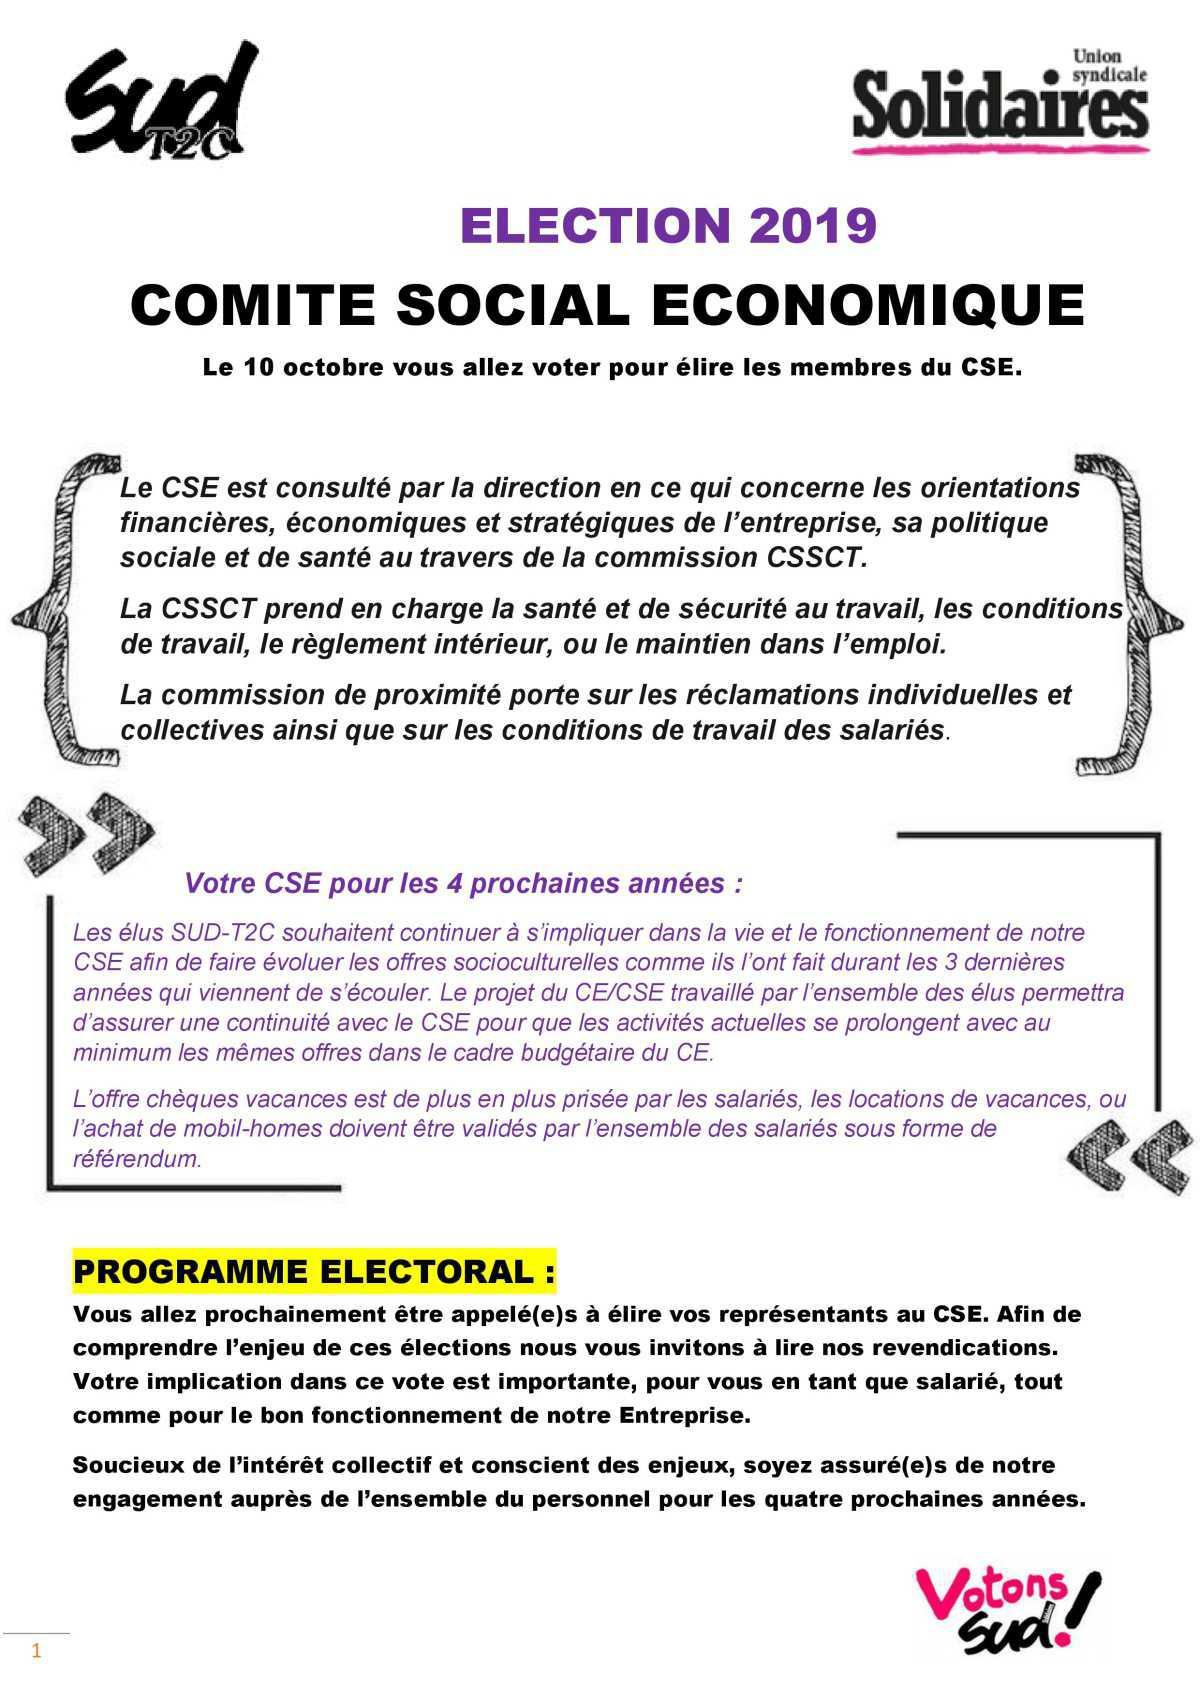 ELECTION 2019 COMITE SOCIAL ECONOMIQUE T2C